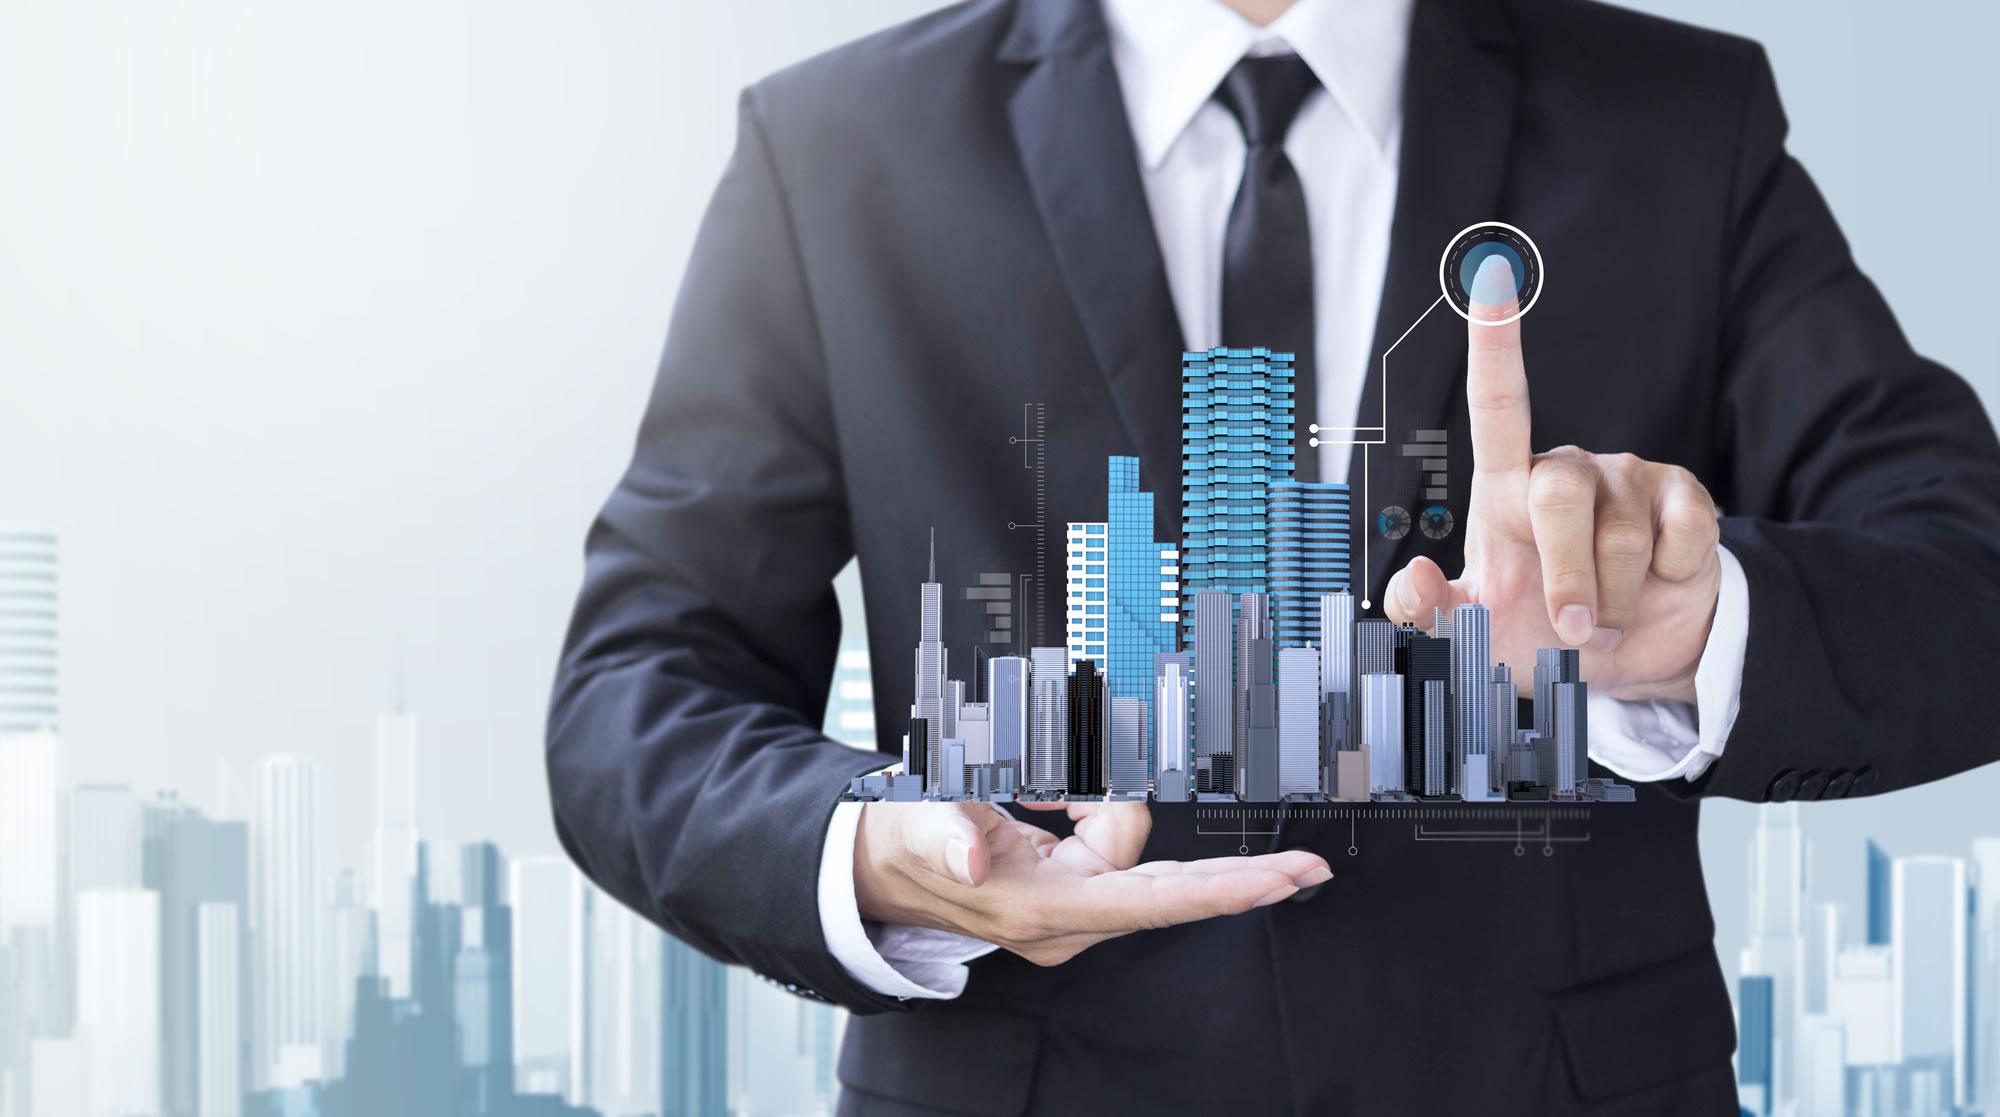 初心者でもわかる不動産投資の種類別メリット・デメリット比較